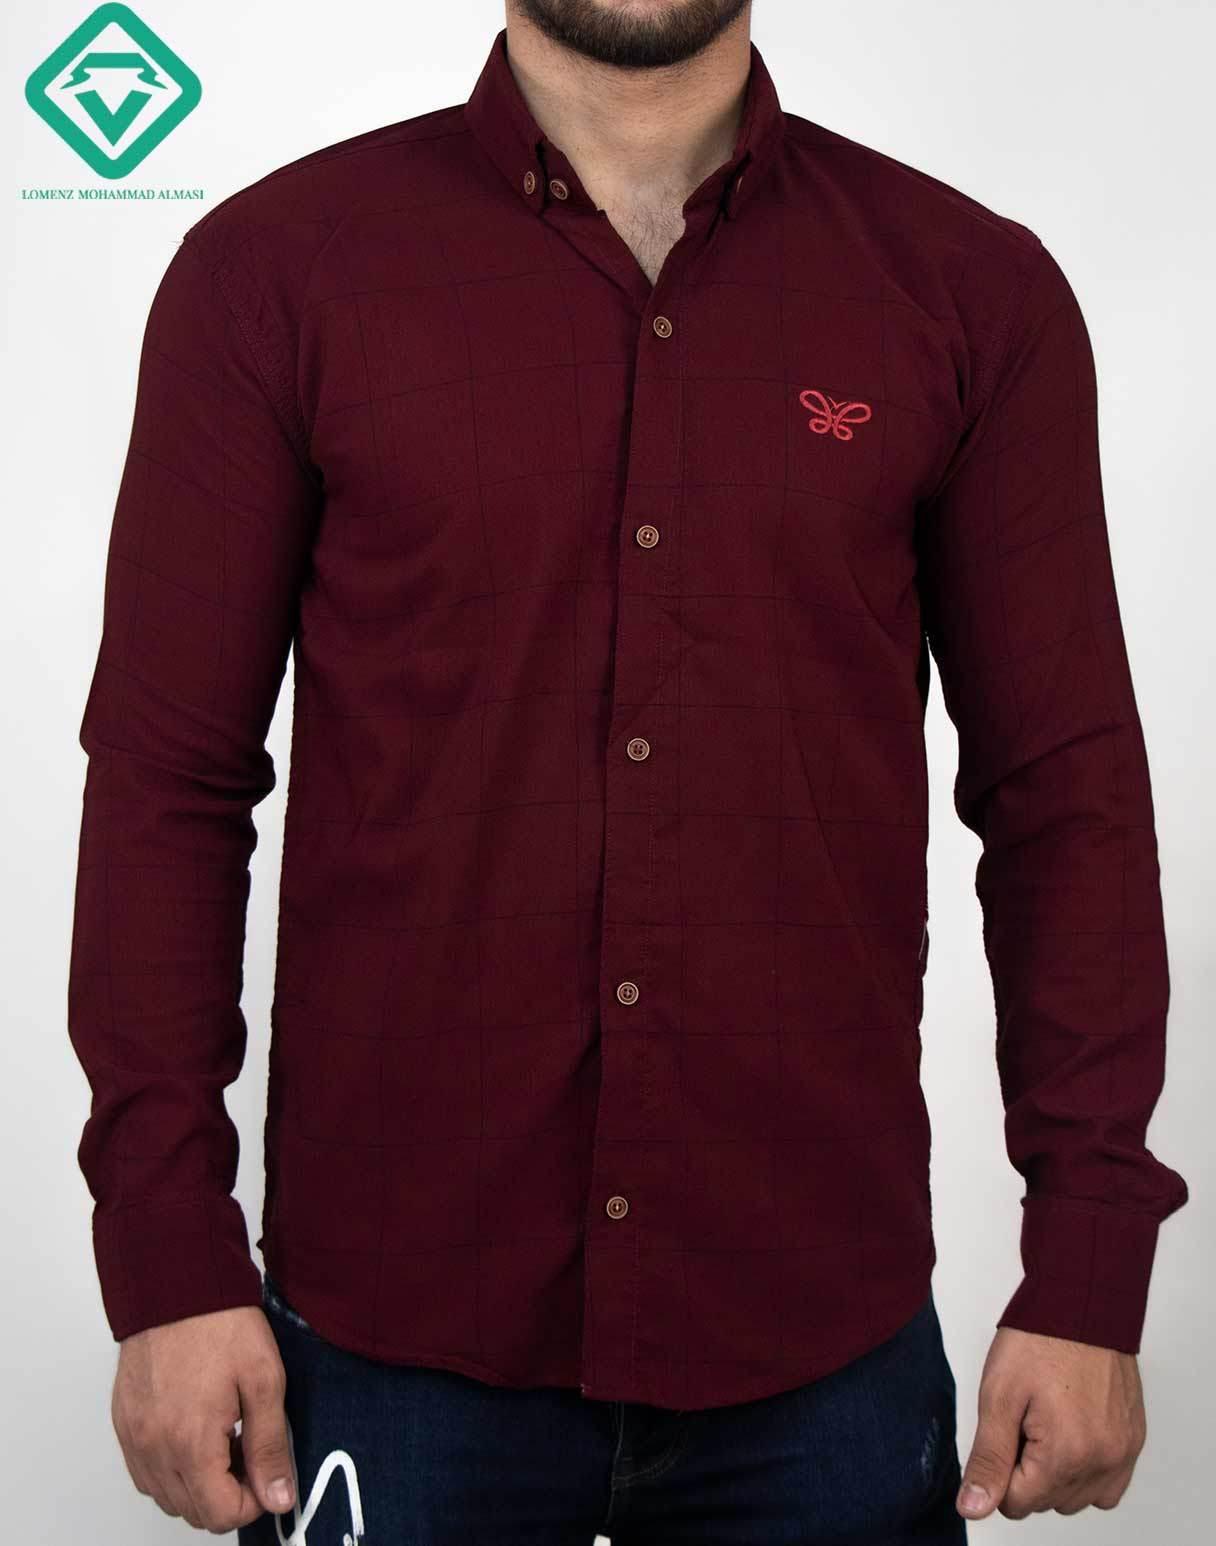 پیراهن آستین بلند اسپرت رنگ قرمز | فروشگاه لومنز